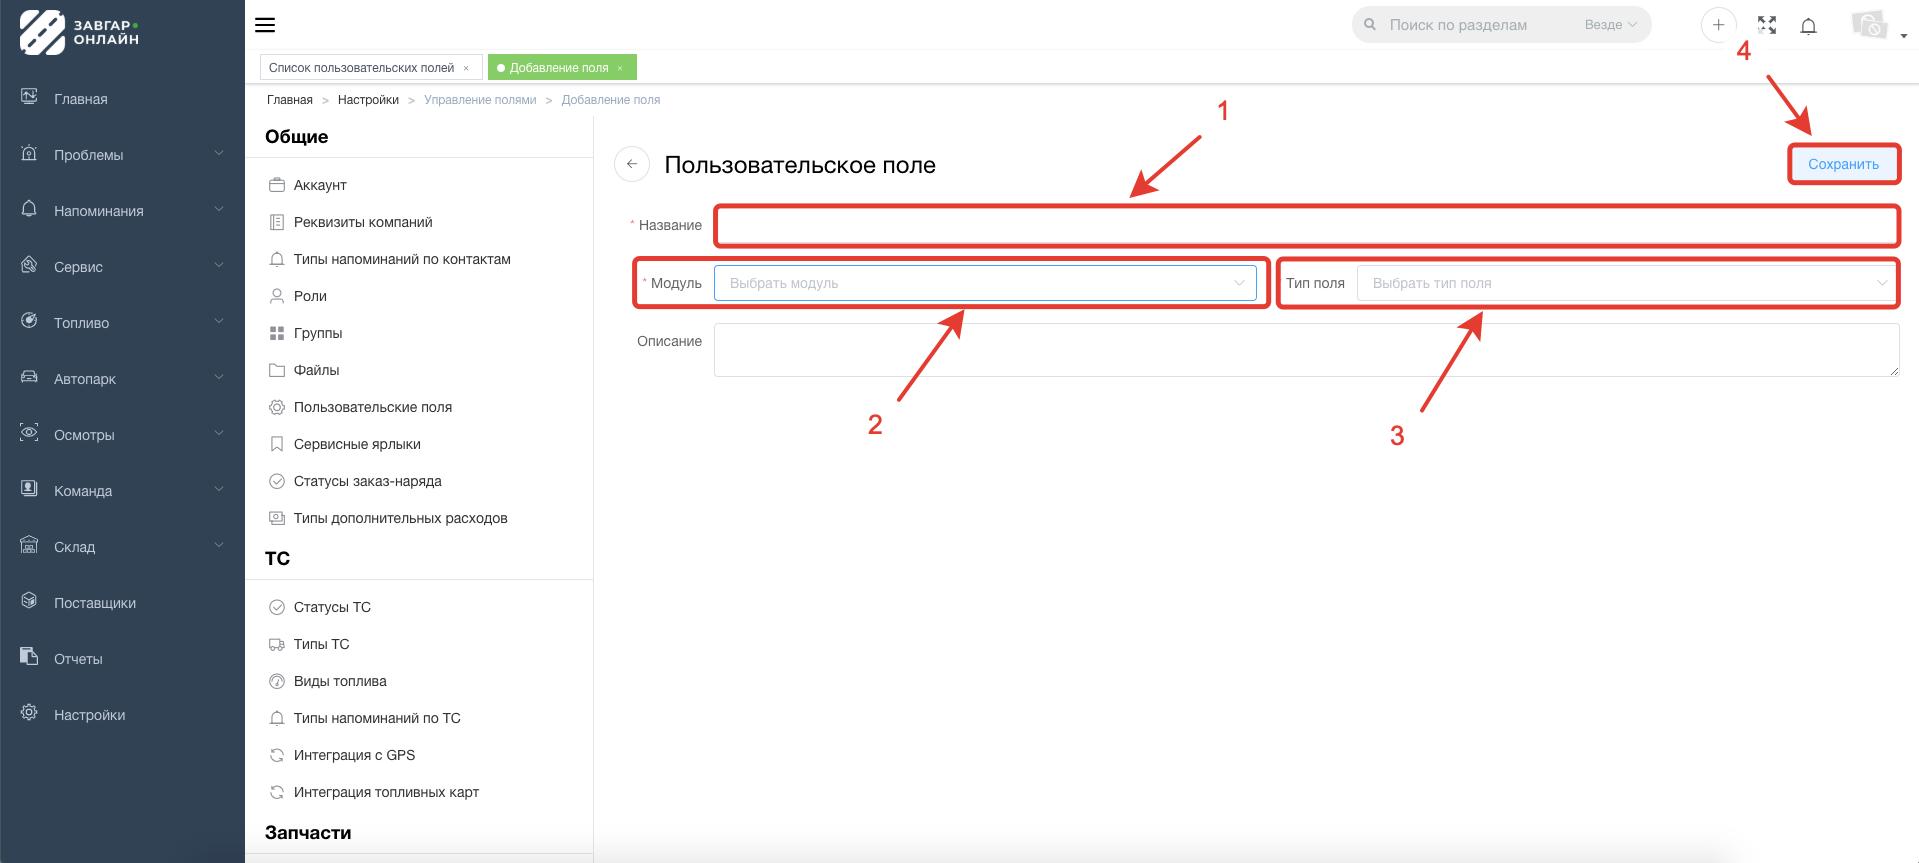 Настройка пользовательских полей в системе Завгар Онлайн